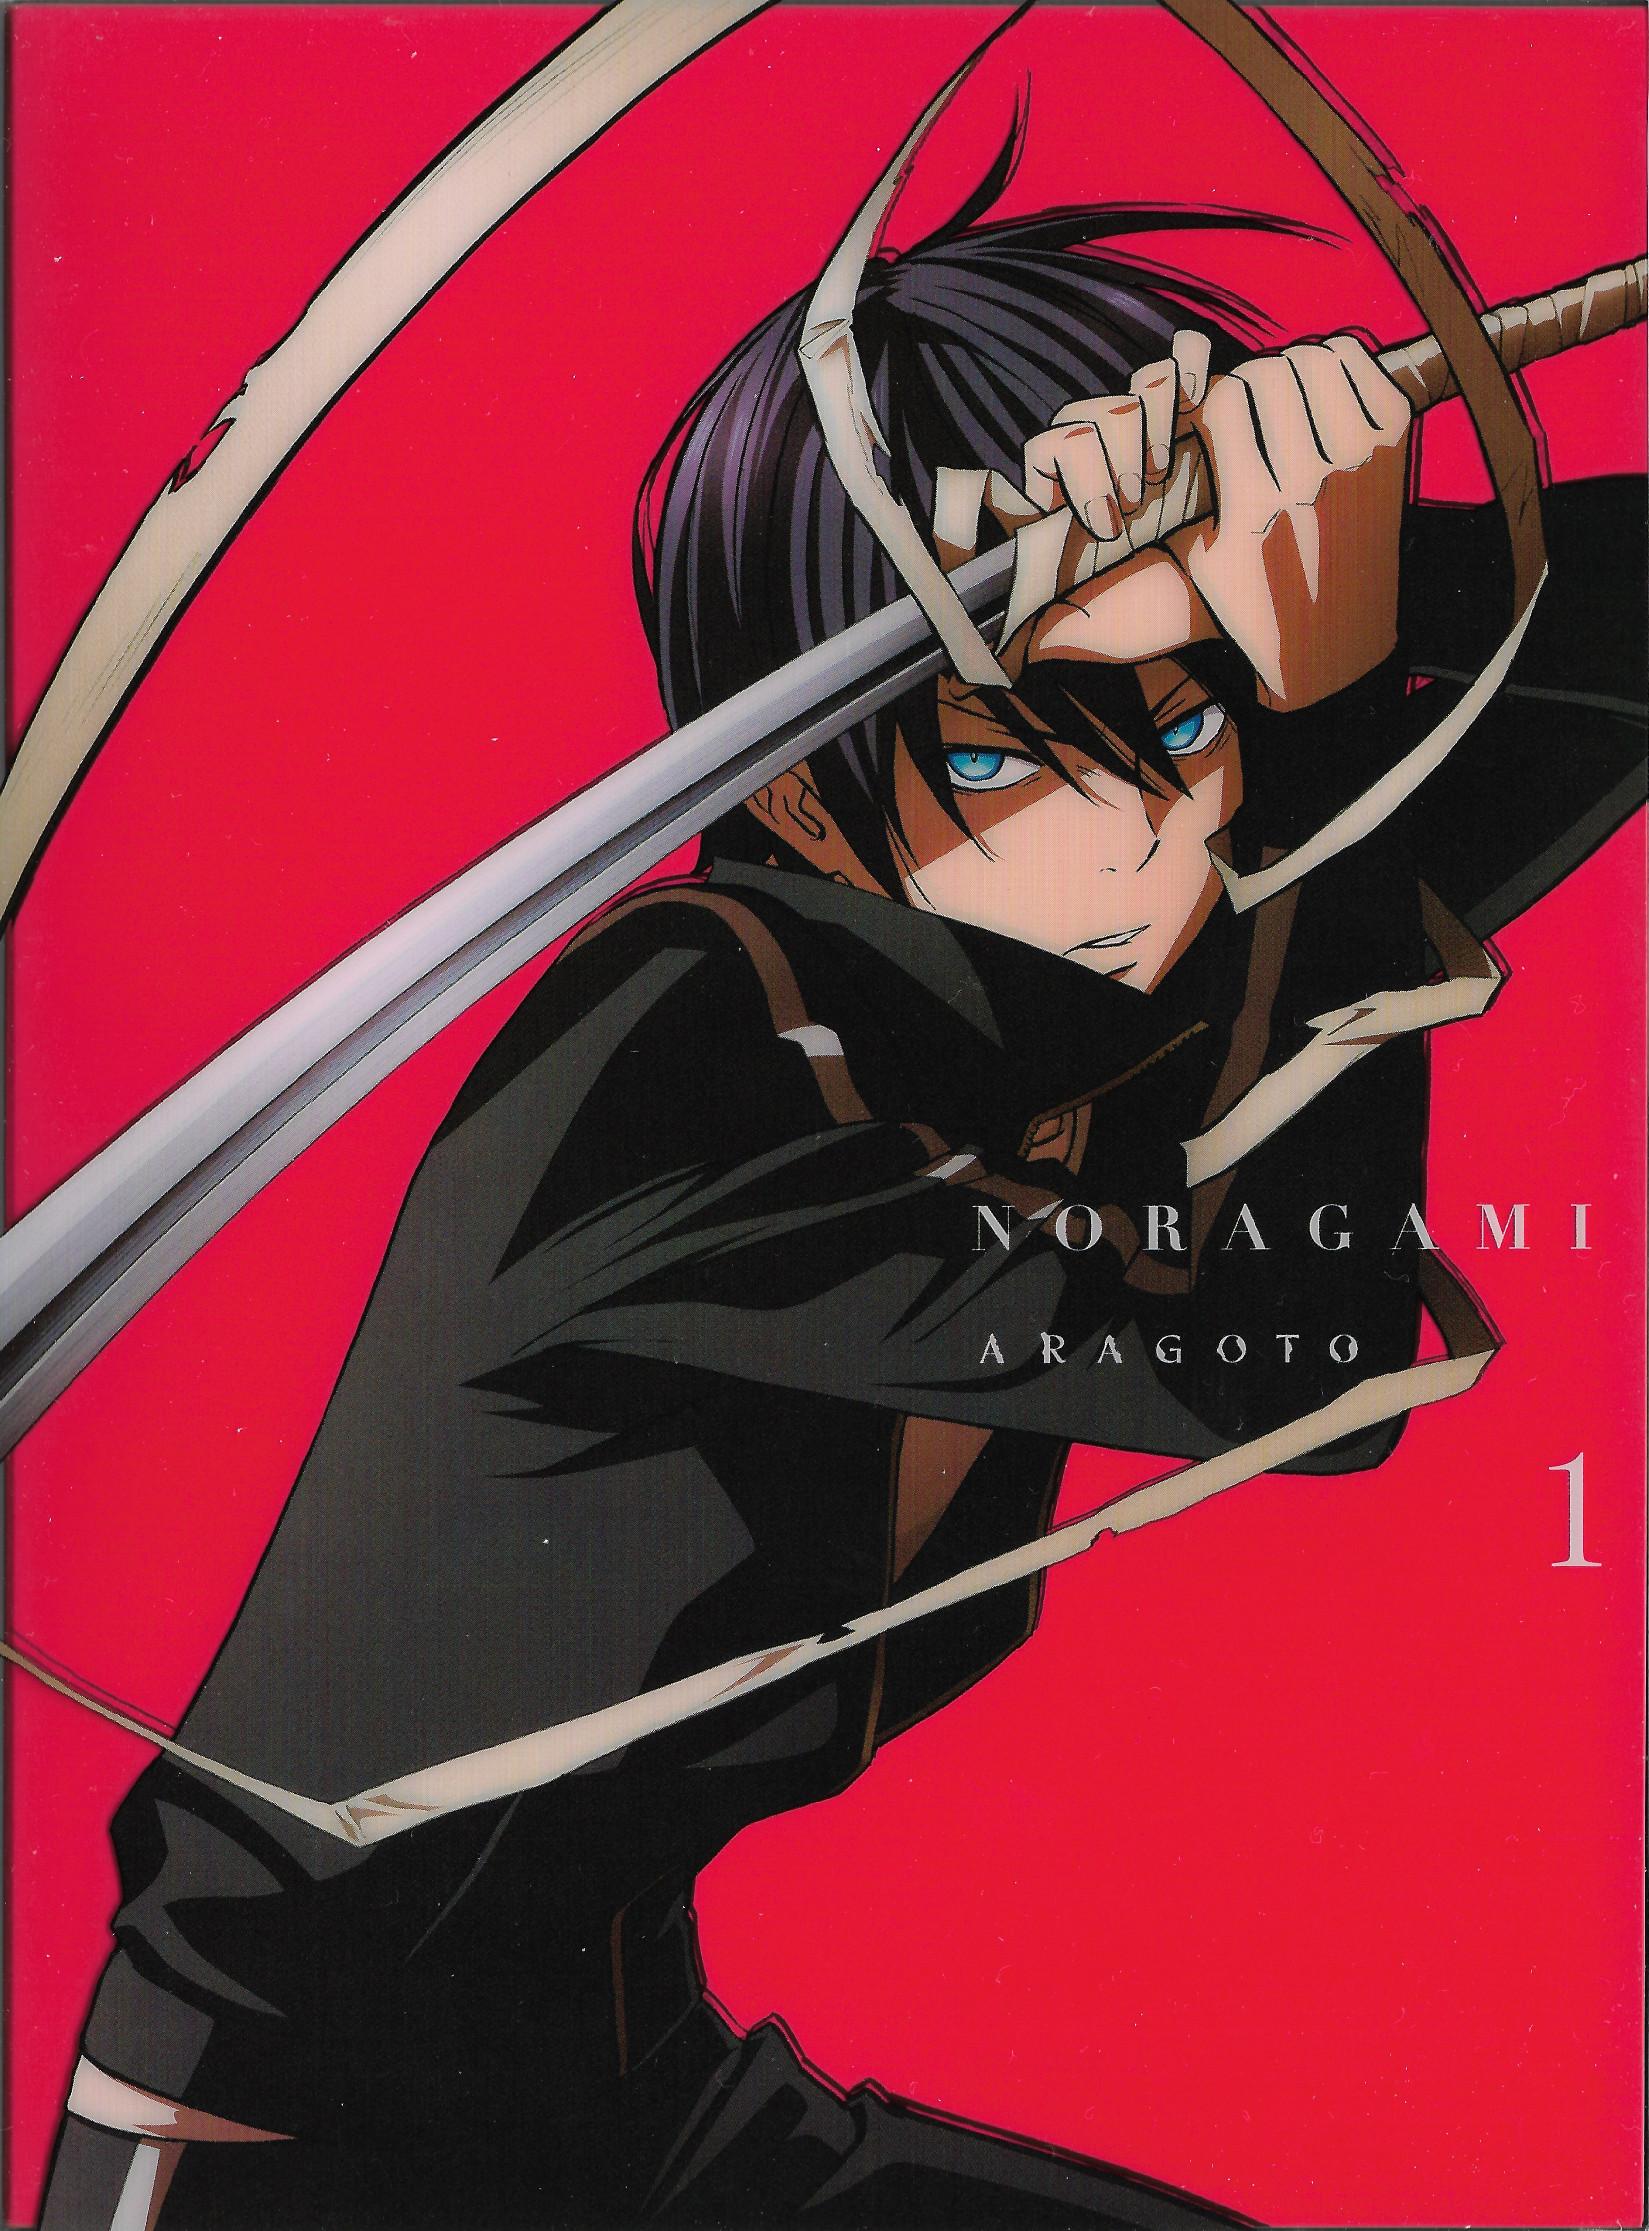 Yato (Noragami) · download Yato (Noragami) image